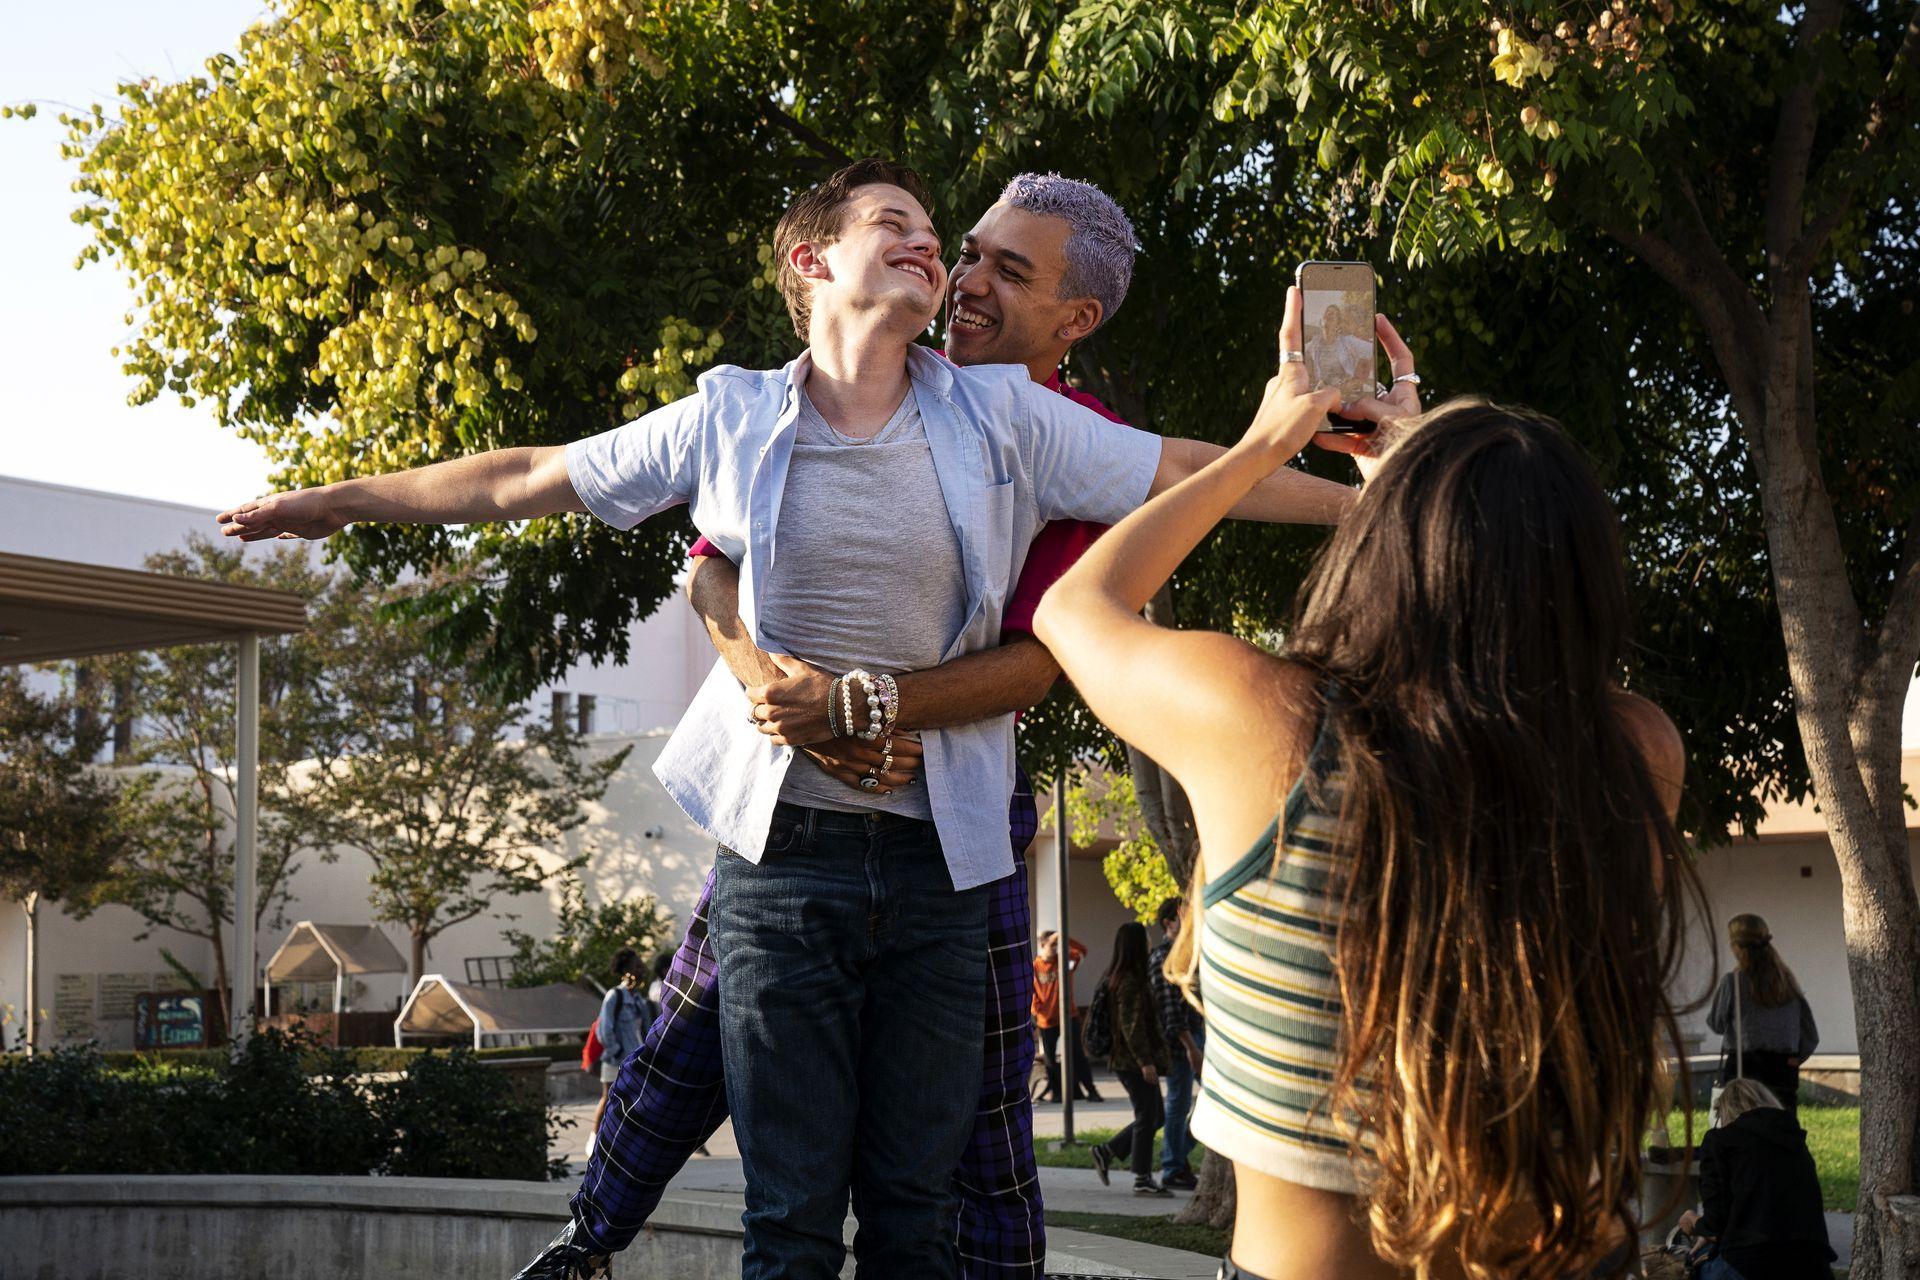 Cena de Genera+ion. Chester, um jovem negro de pele clara, abraça por trás Nathan, um jovem branco. Eles estão imitando a famosa pose de Titanic. Na frente deles, uma menina está tirando foto dos dois usando um celular. Eles estão em cima de uma muretinha, no pátio de uma escola.